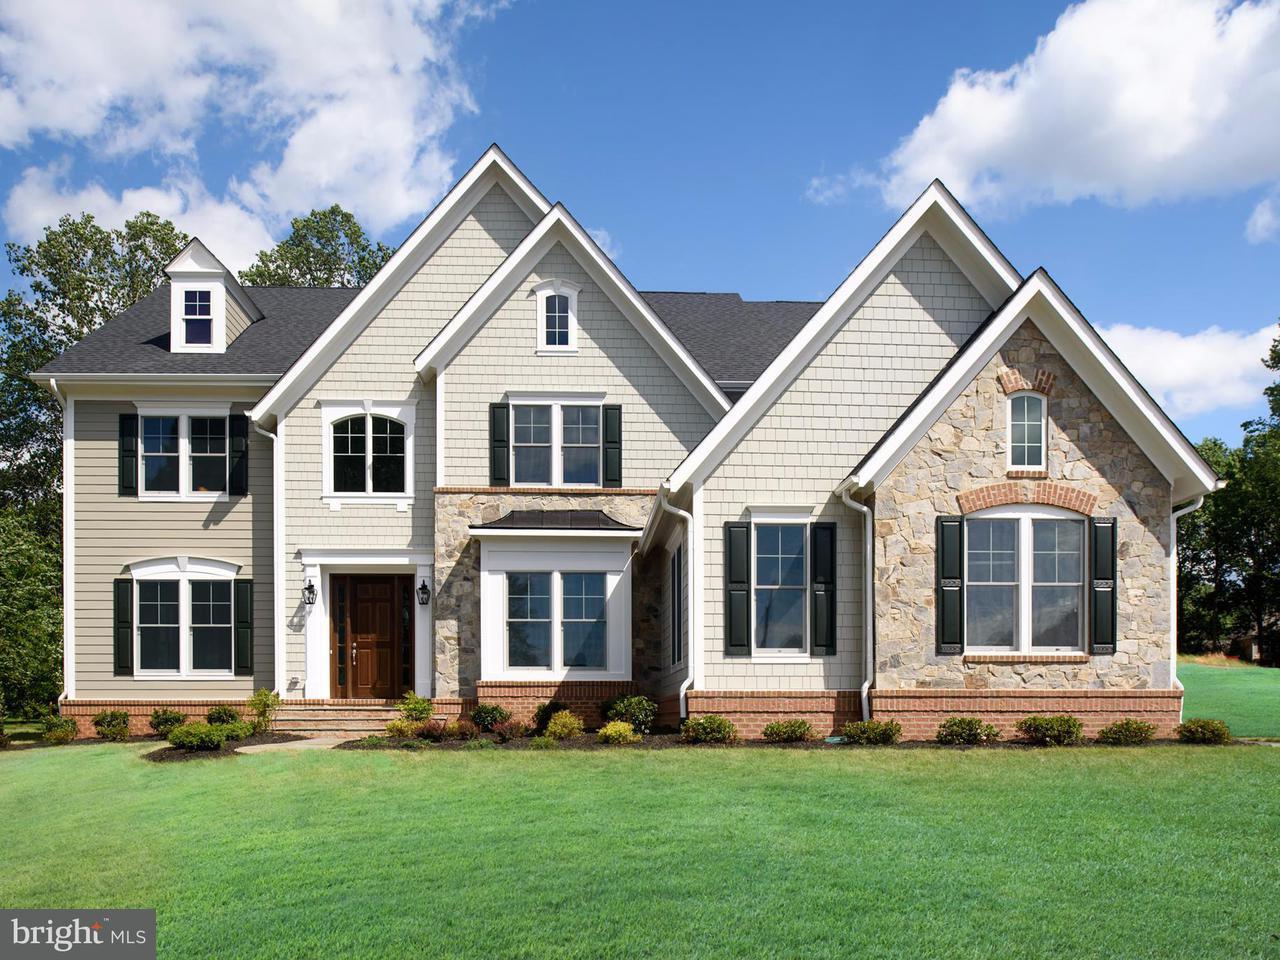 獨棟家庭住宅 為 出售 在 11005 TRADEWIND Court 11005 TRADEWIND Court Oakton, 弗吉尼亞州 22124 美國